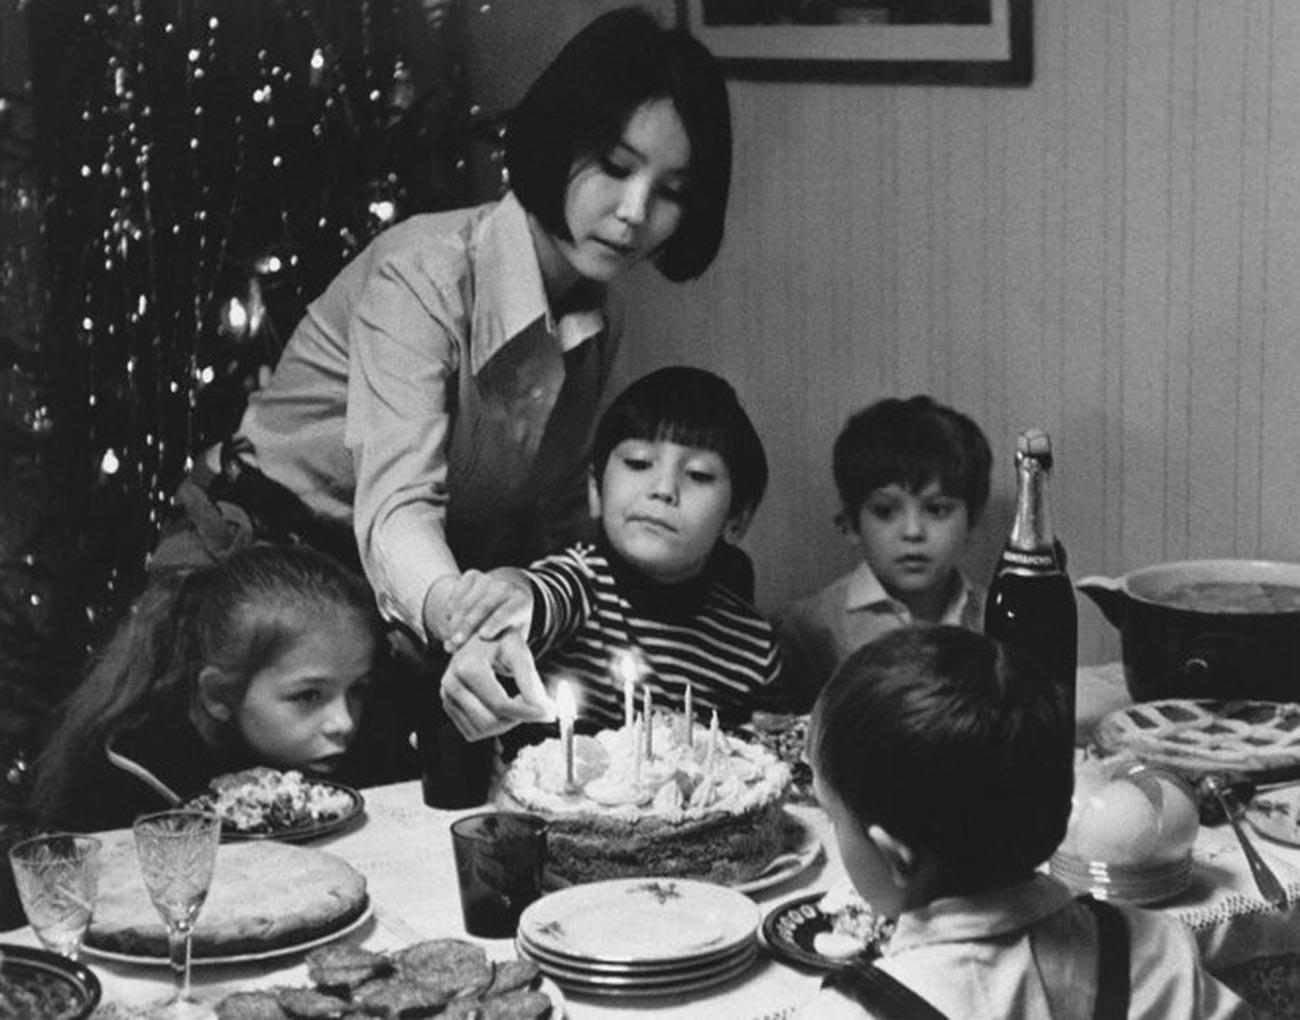 Il sesto compleanno, nel gennaio 1972, del futuro regista e attore Egor Konchalovskij